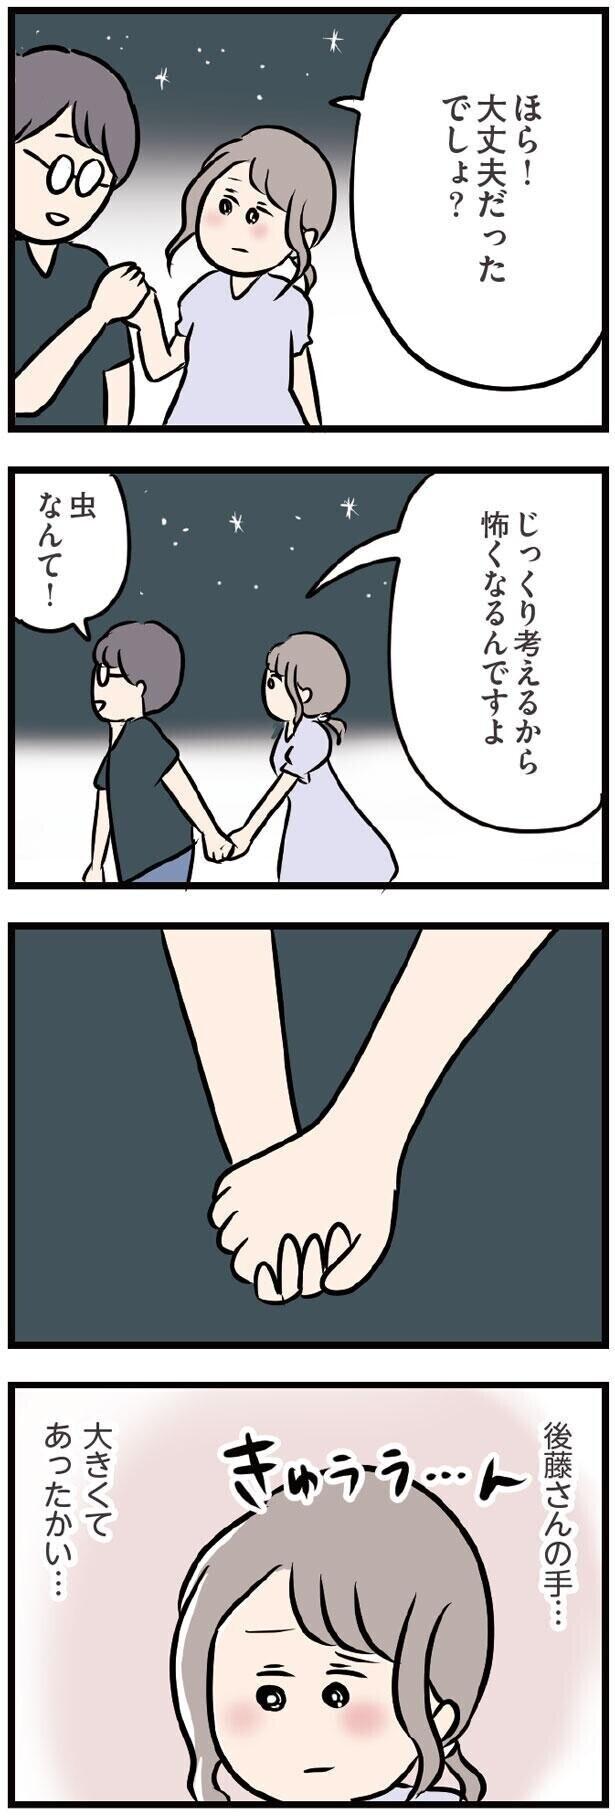 つないだ手は、大きくて温かかった【夫がいても誰かを好きになってもいいですか? Vol.28】